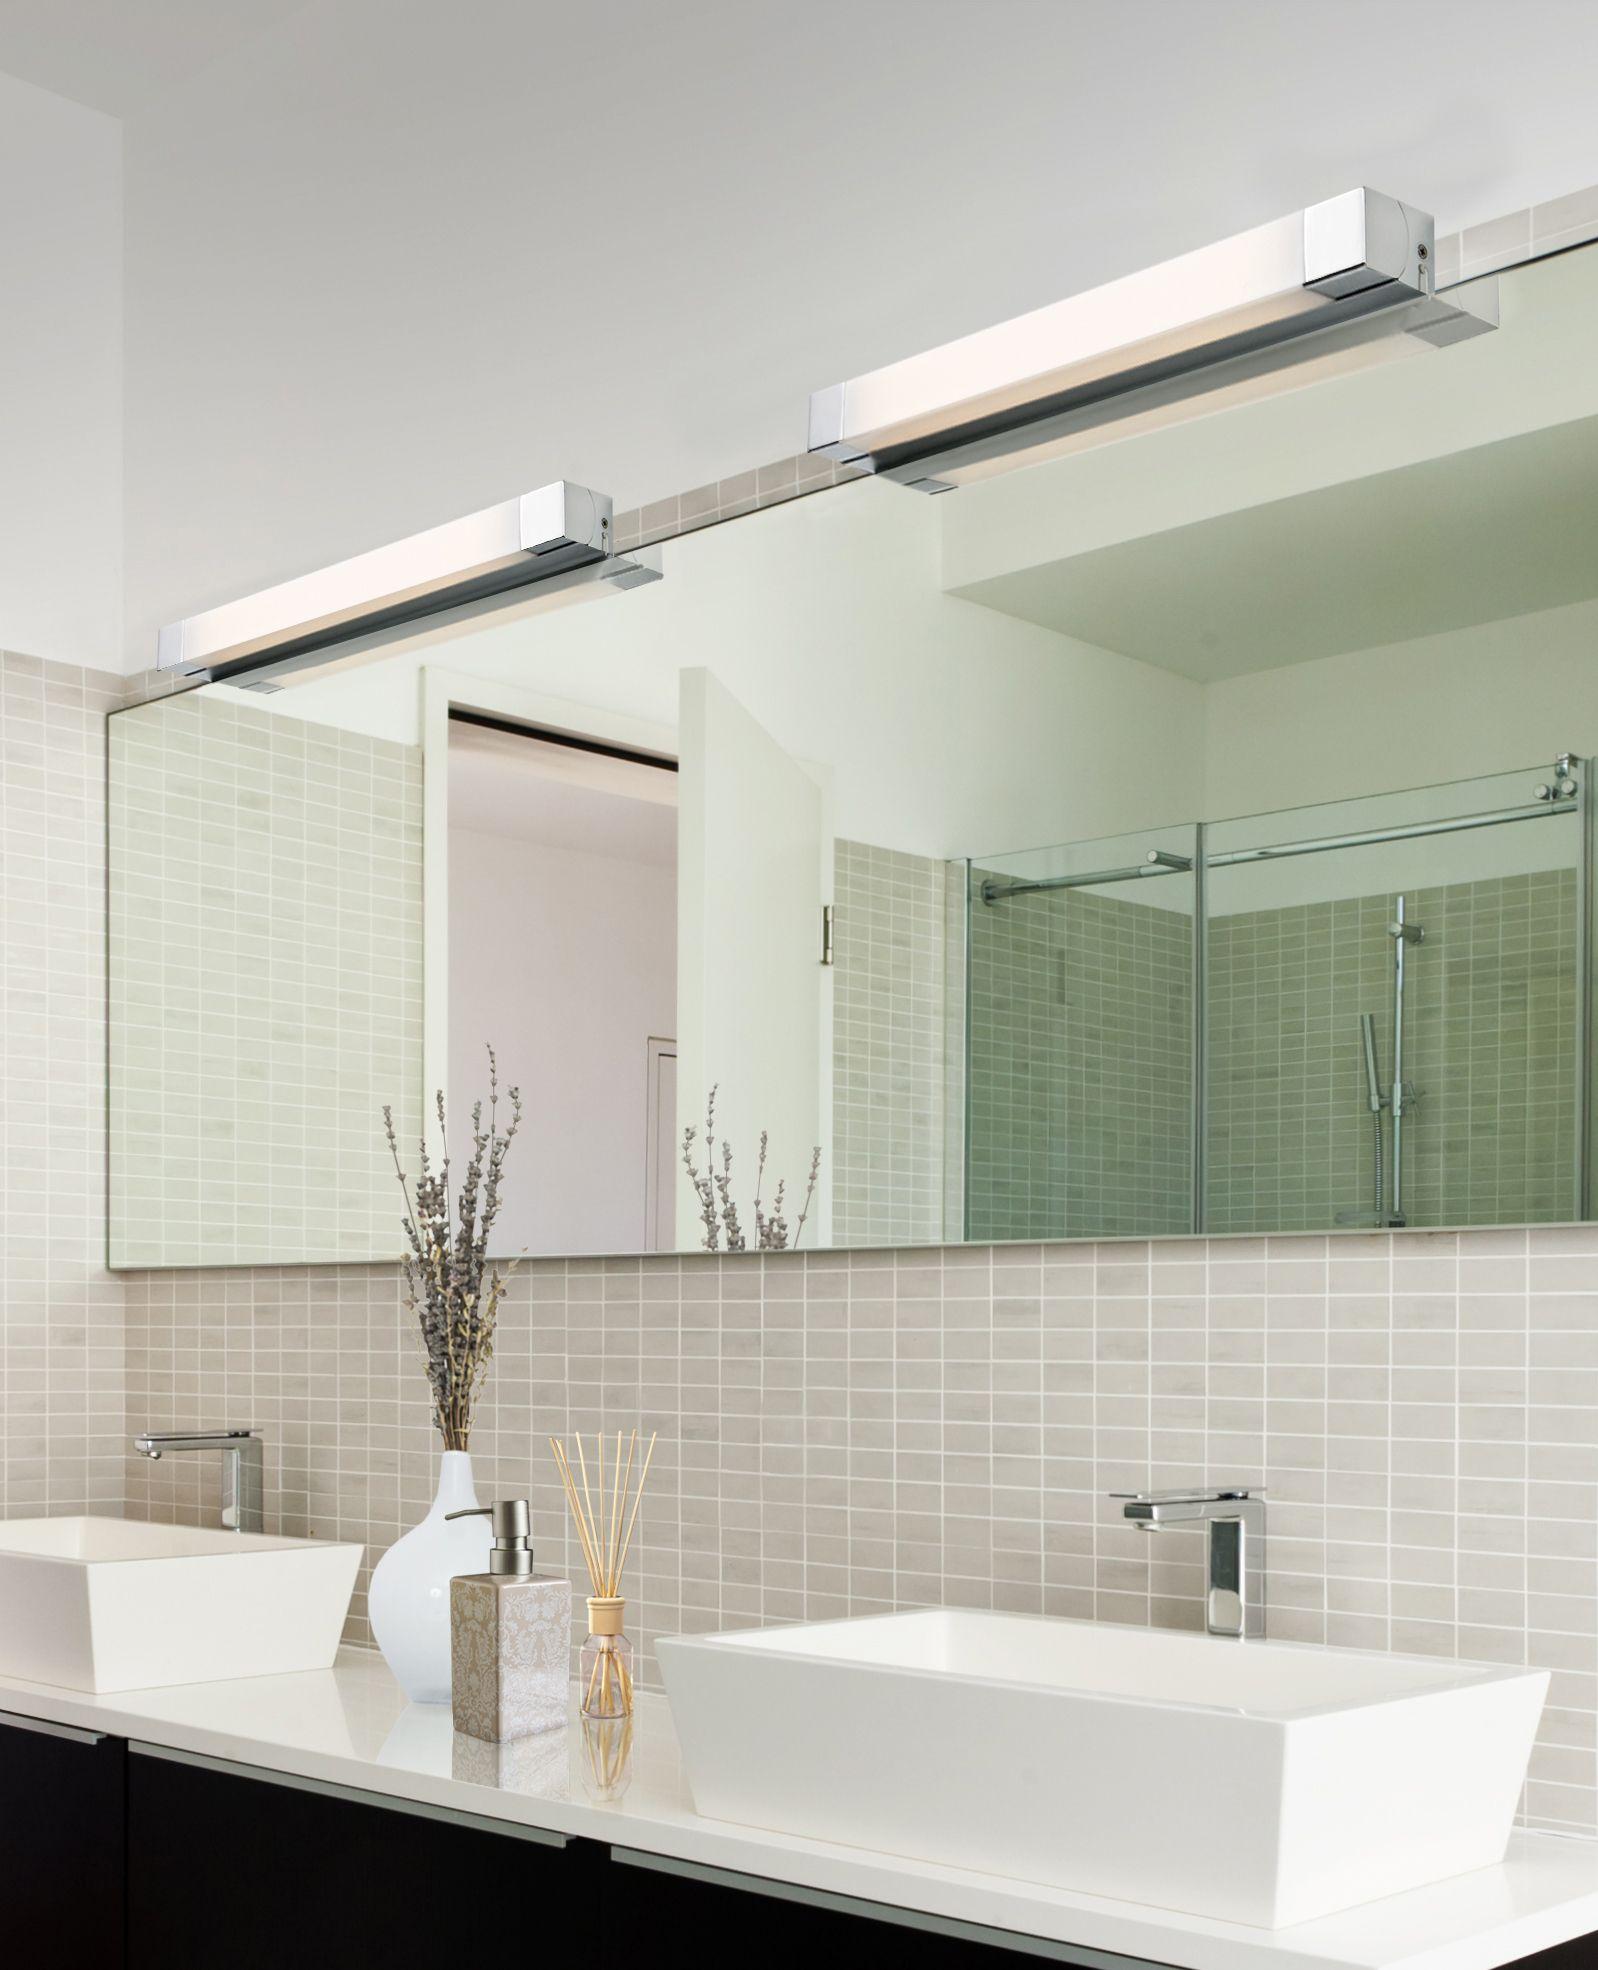 Kinkiet Michel 630 Lw2206 Ip44 Oświetlenie łazienkowe W